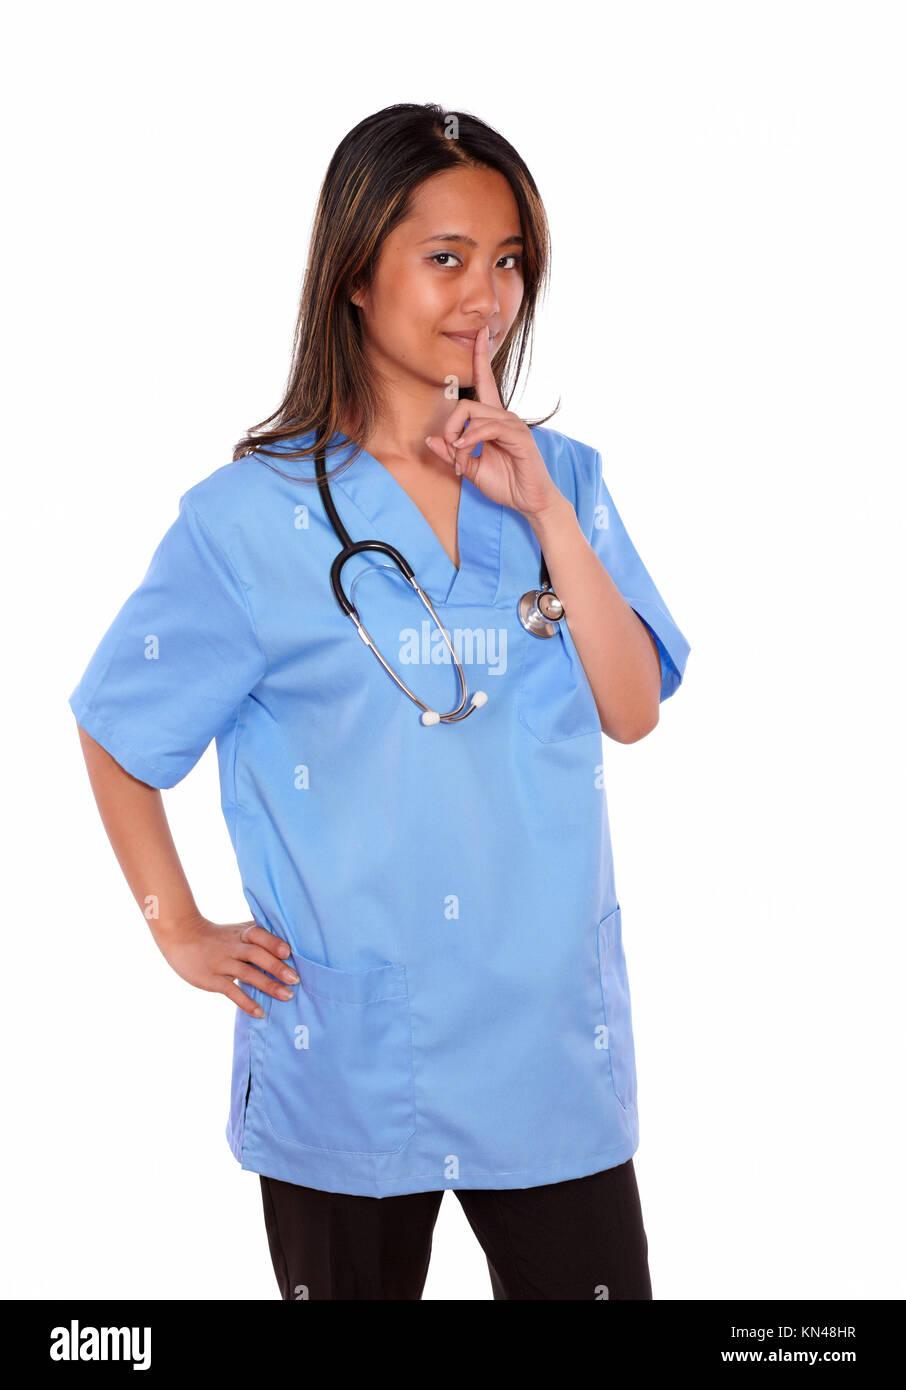 Ritratto di un affascinante infermiera asiatica donna con uno stetoscopio richiesta di silenzio sul blu uniforme Immagini Stock